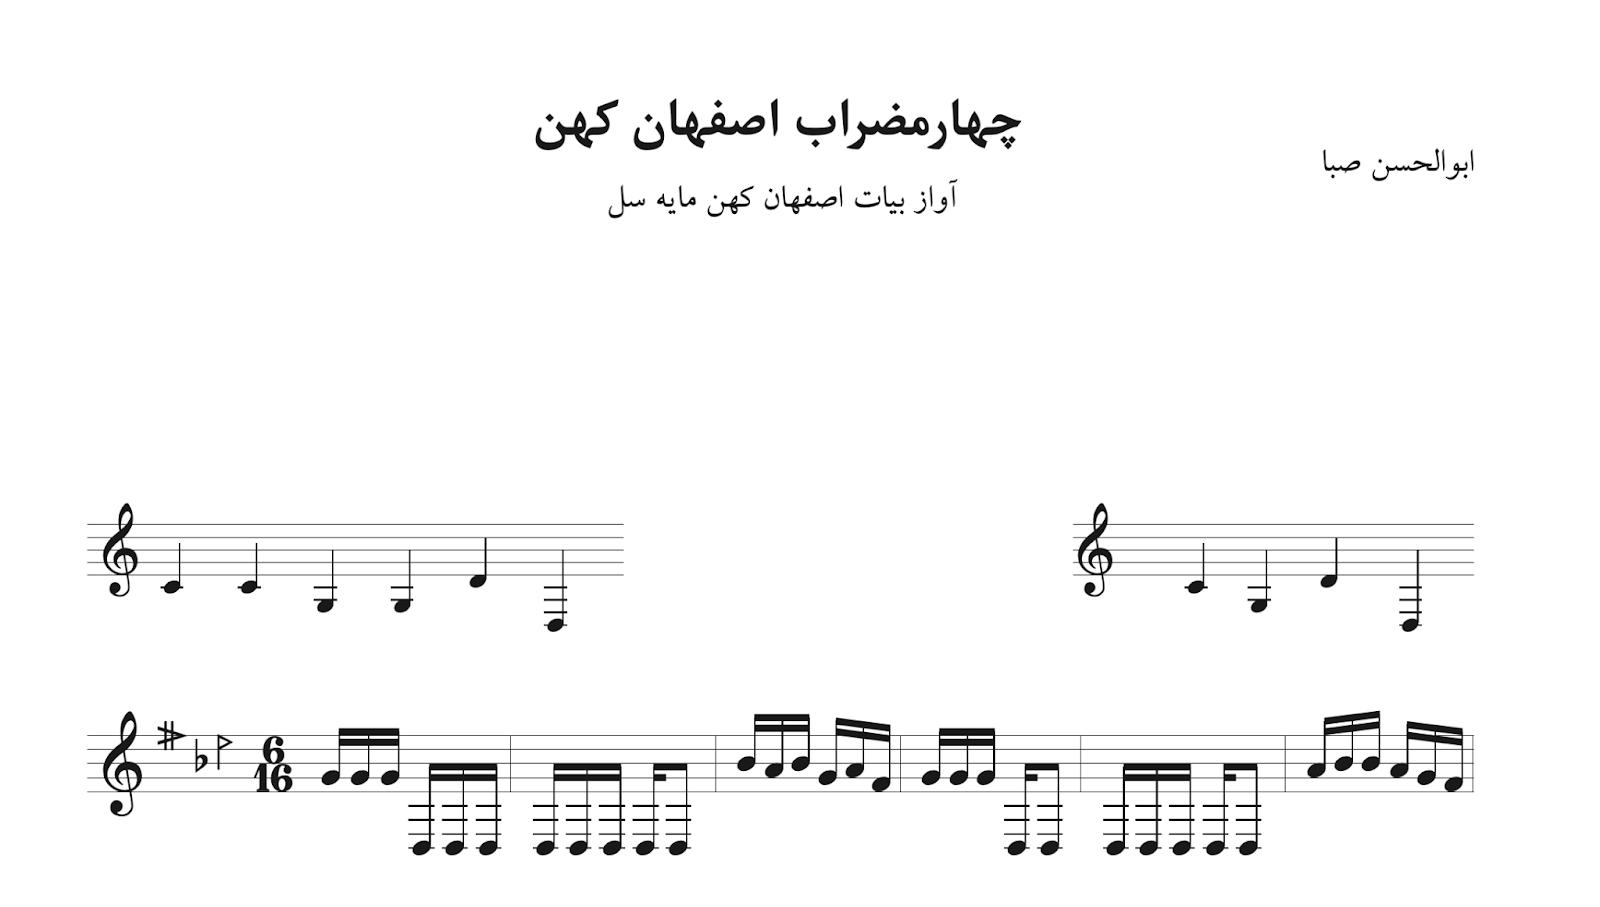 نت چهارمضراب اصفهان کهن سل ابوالحسن صبا